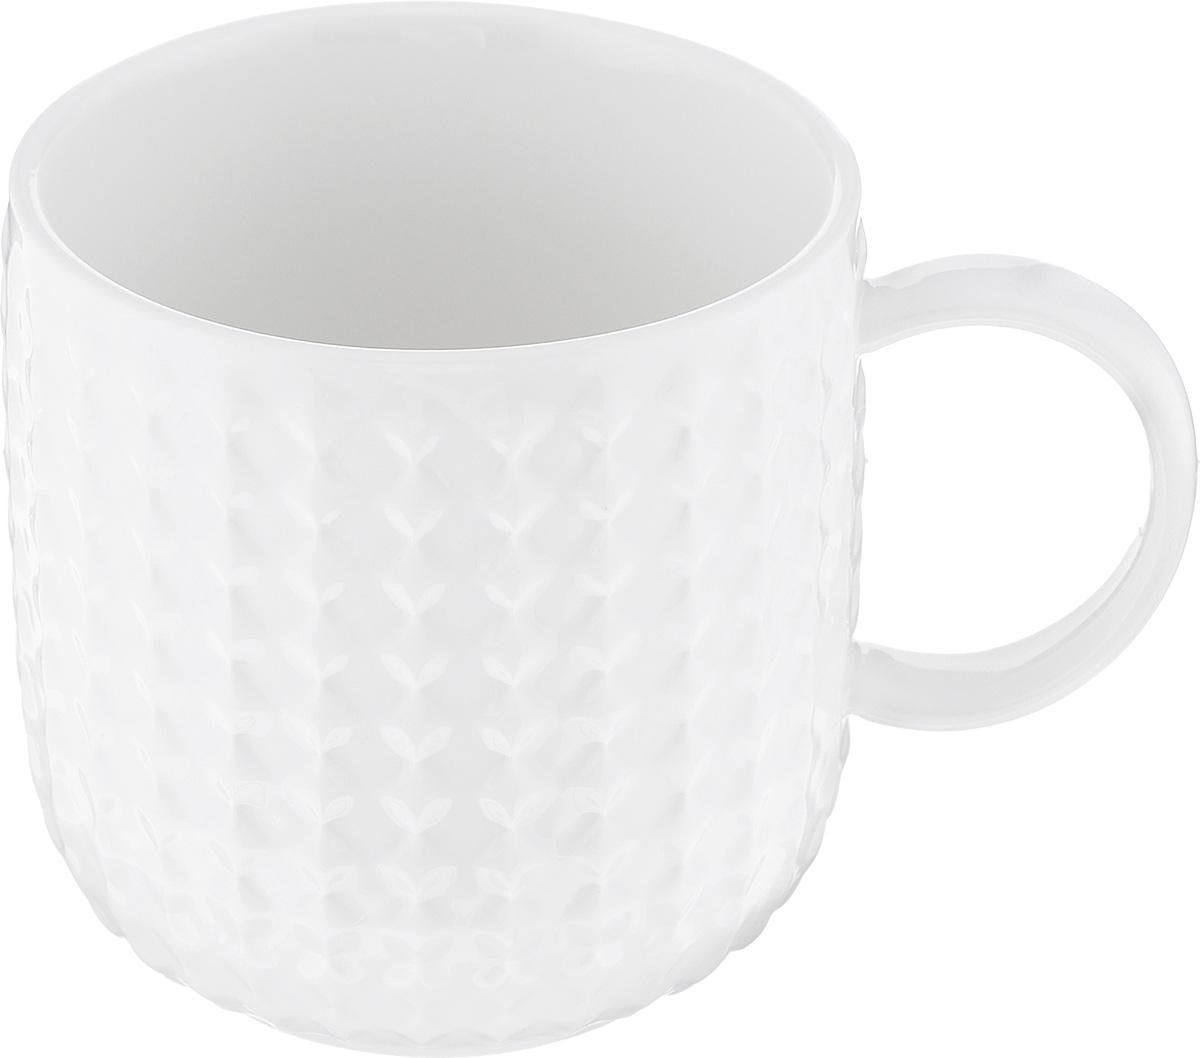 Кружка Walmer Sapphire, цвет: белый, 350 мл115510Кружка Walmer Sapphire изготовлена из экологически чистого фарфора. Изделие оформлено изысканным рельефным орнаментом. Такая кружка прекрасно оформит стол к чаепитию и станет его неизменным атрибутом. Можно использовать в посудомоечной машине и СВЧ.Диаметр (по верхнему краю): 8 см.Диаметр основания: 5,5 см.Высота: 8,2 см.